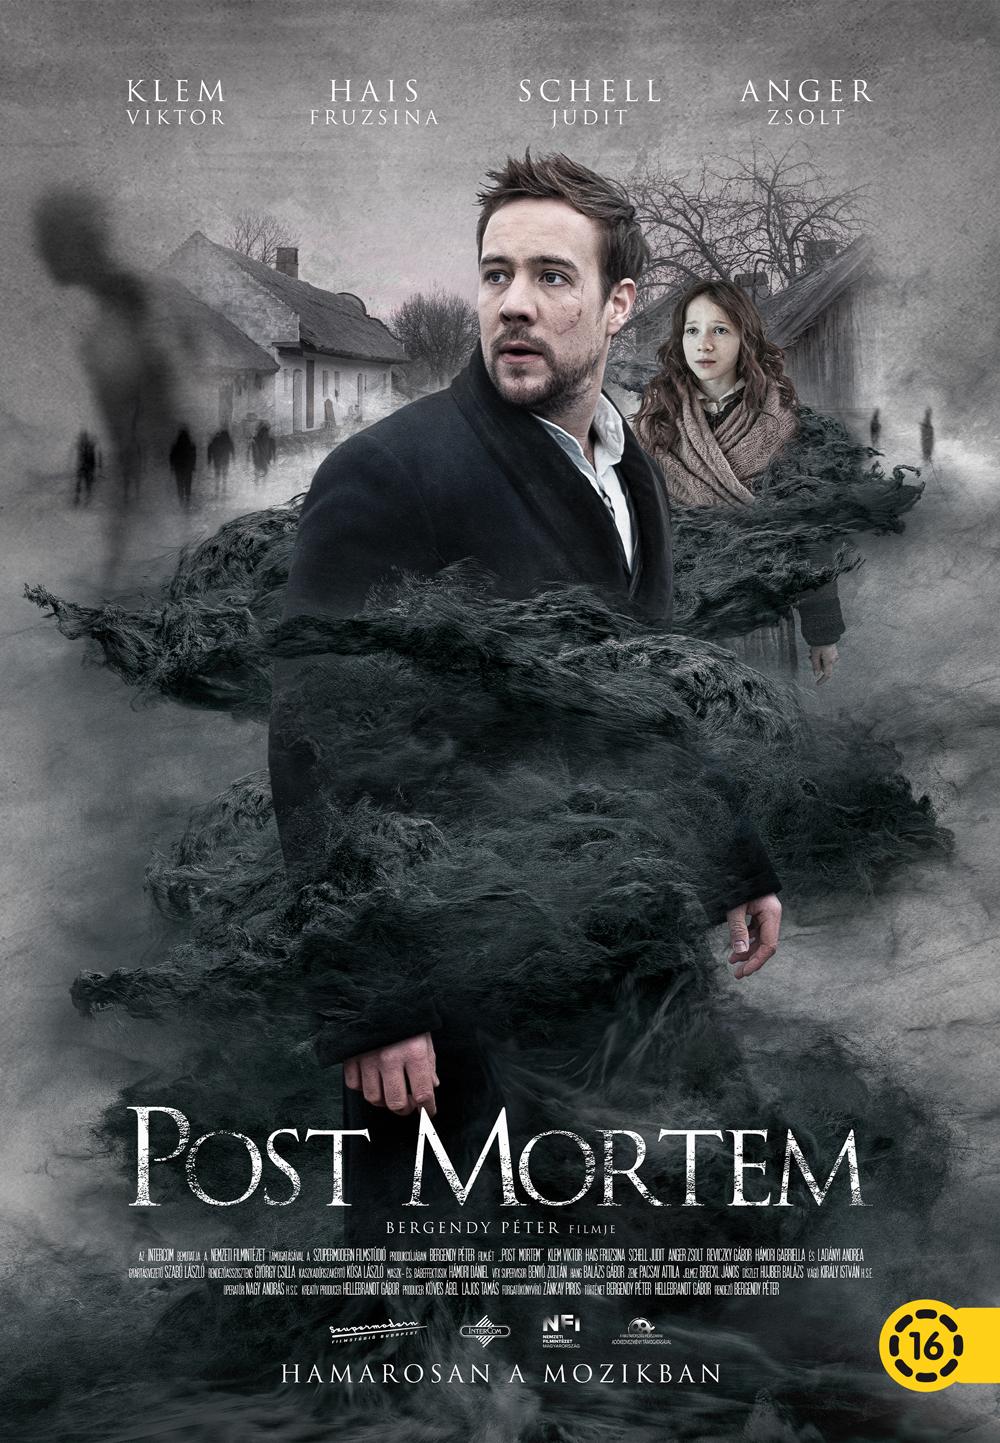 post_mortem_online_mozi_plakat.jpg